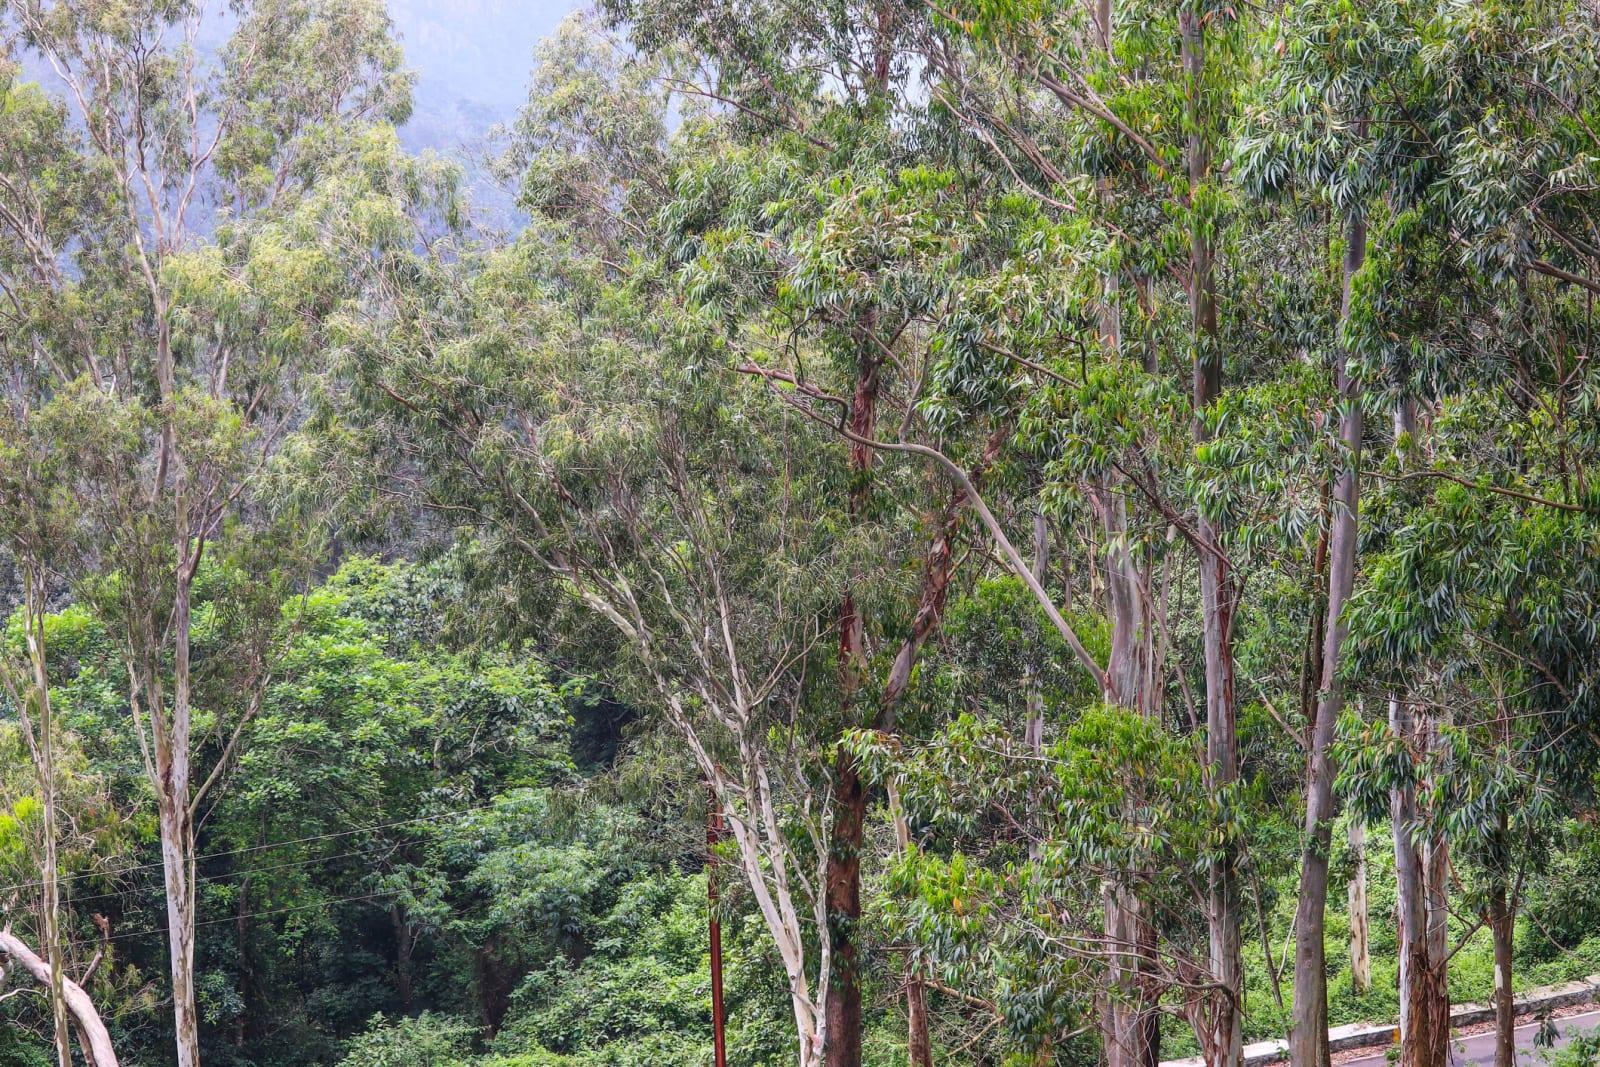 Trees in Yercaud